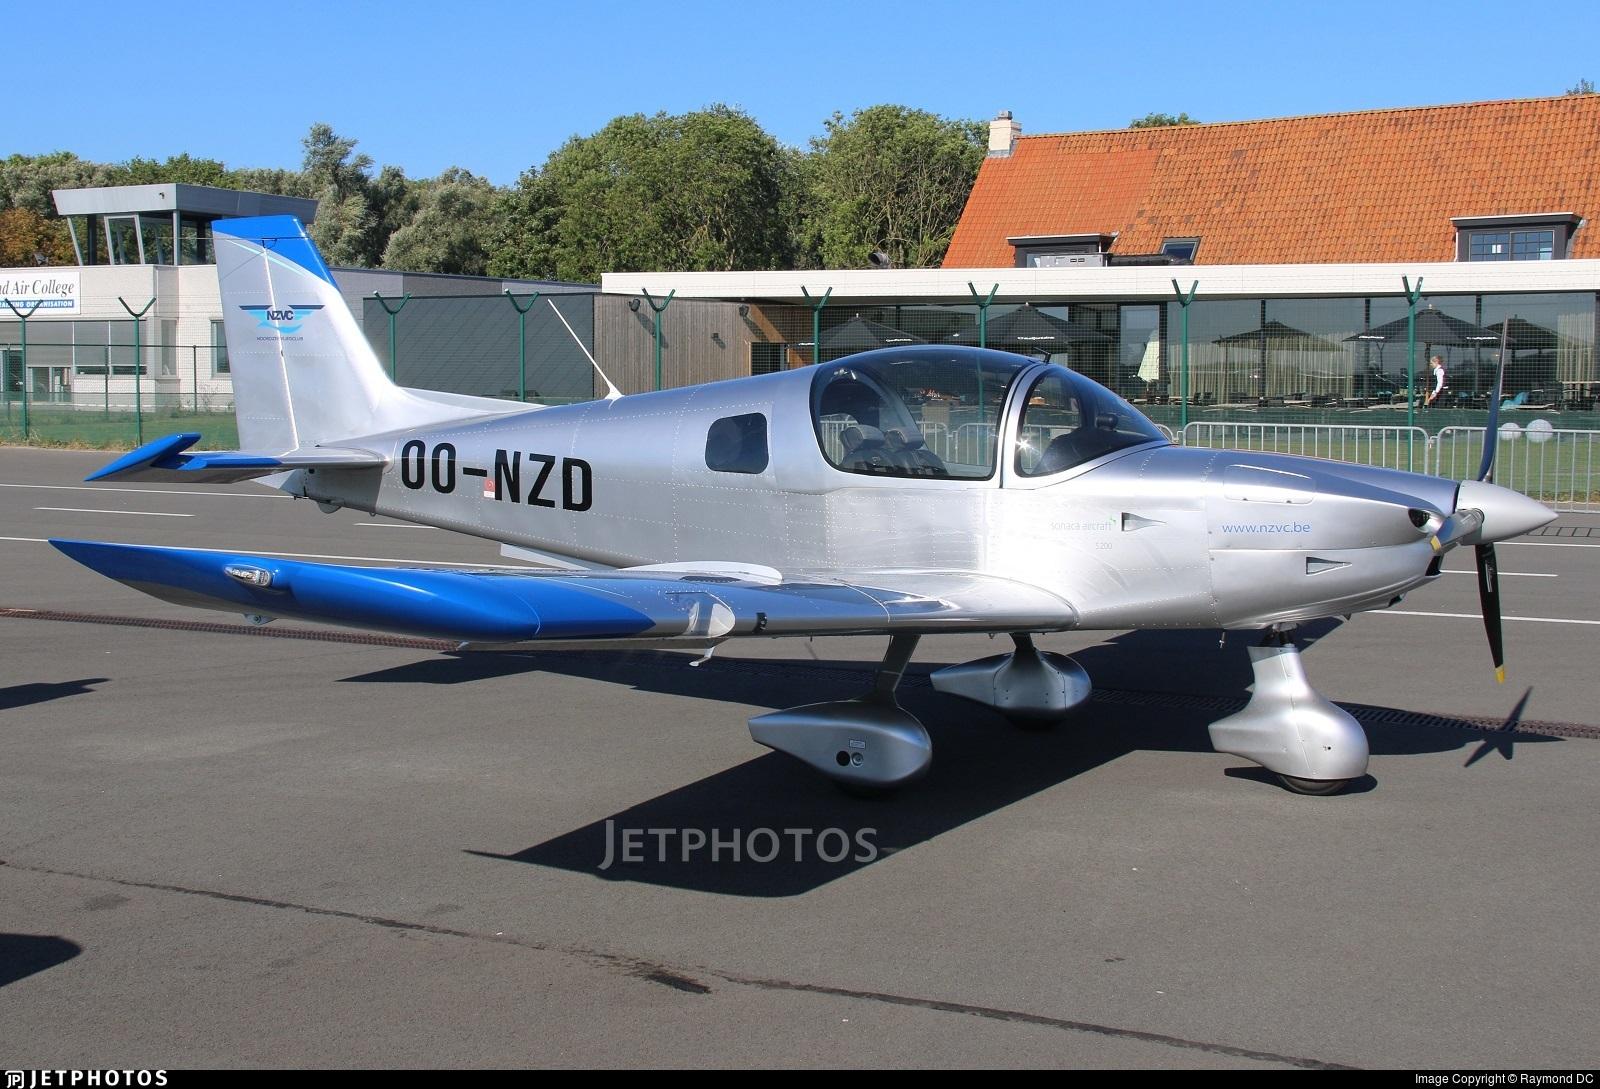 OO-NZD - Sonaca 200 - Noordzee Vliegclub